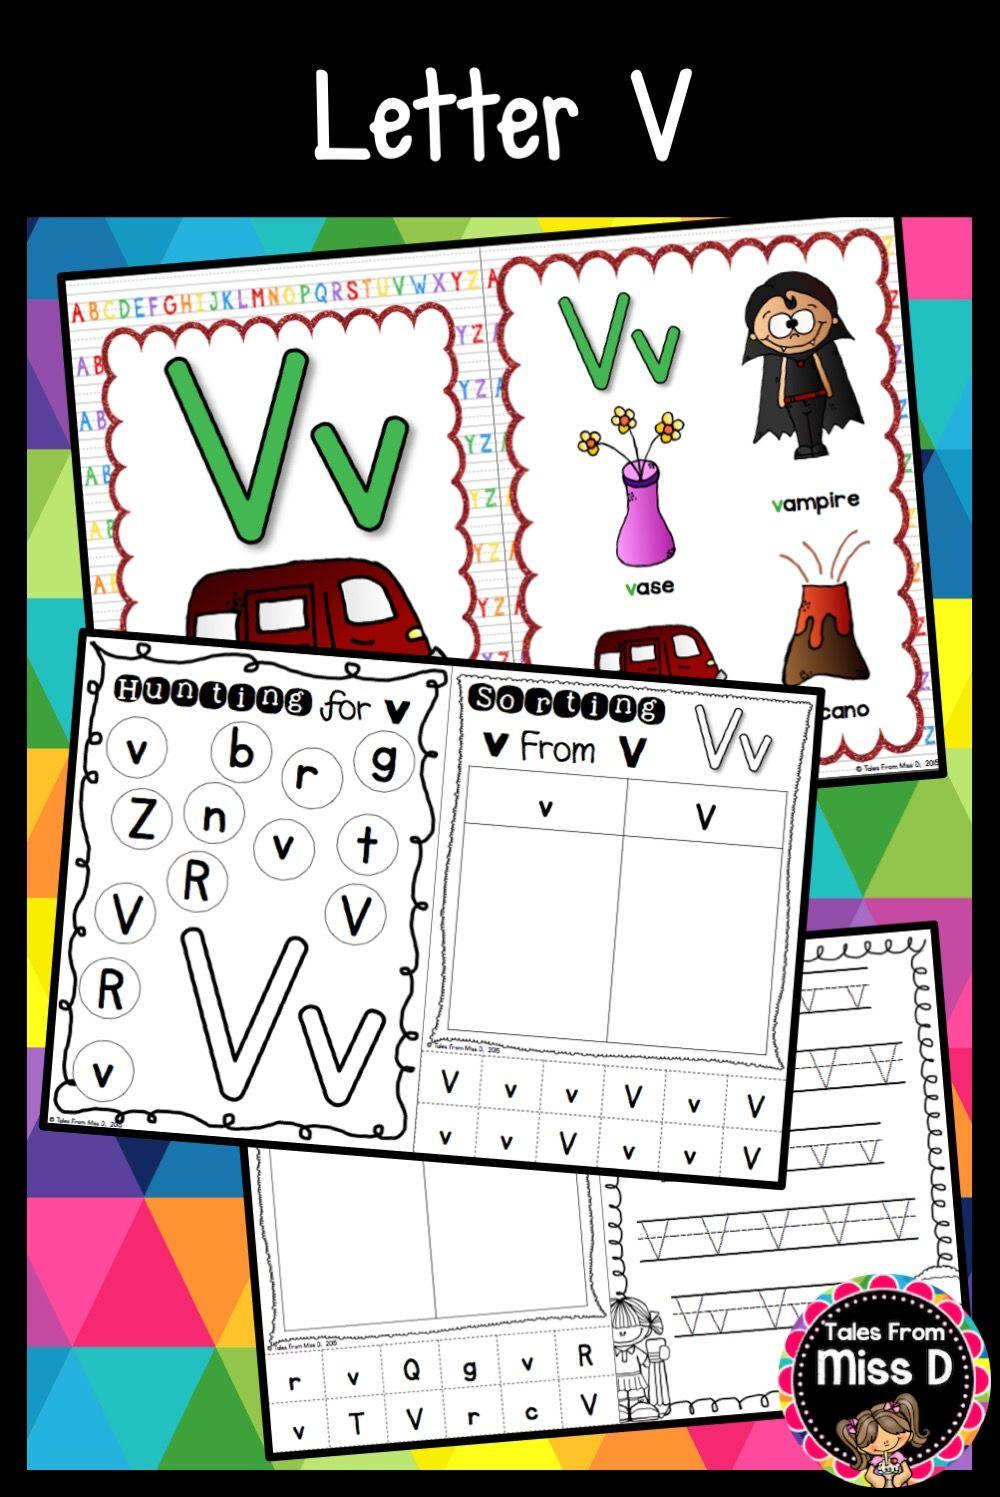 Alphabet Letter V Letter v, Lettering, Letter sorting